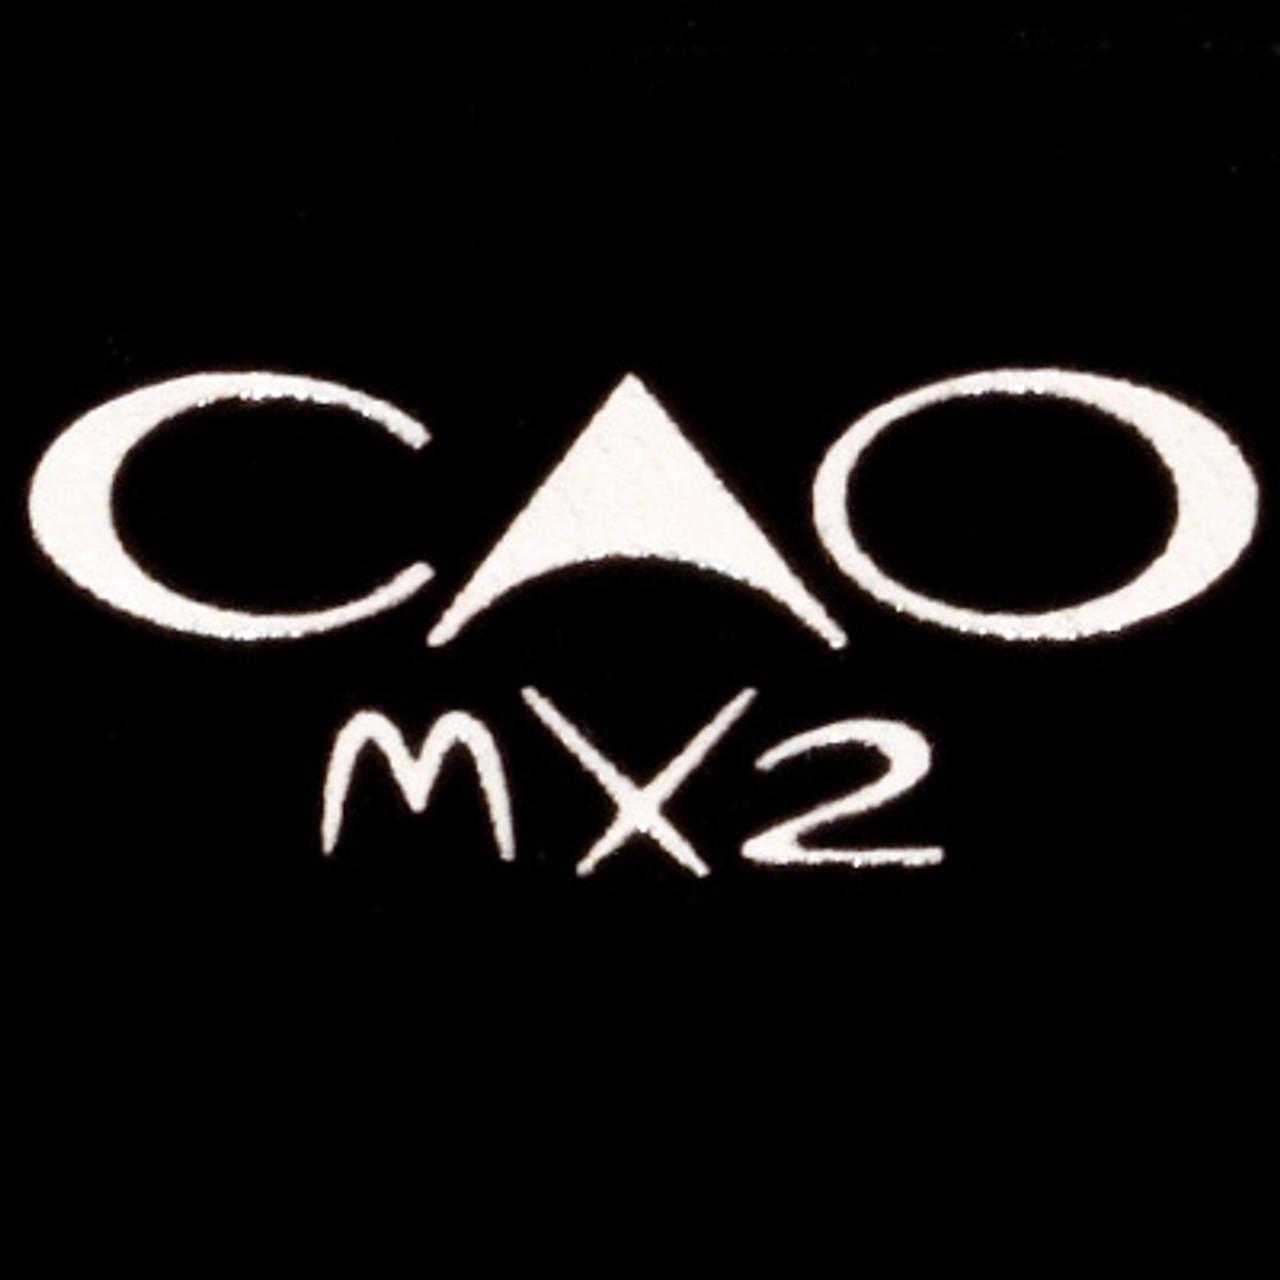 CAO MX2 Robusto Cigars - 5 x 52 (Box of 20)